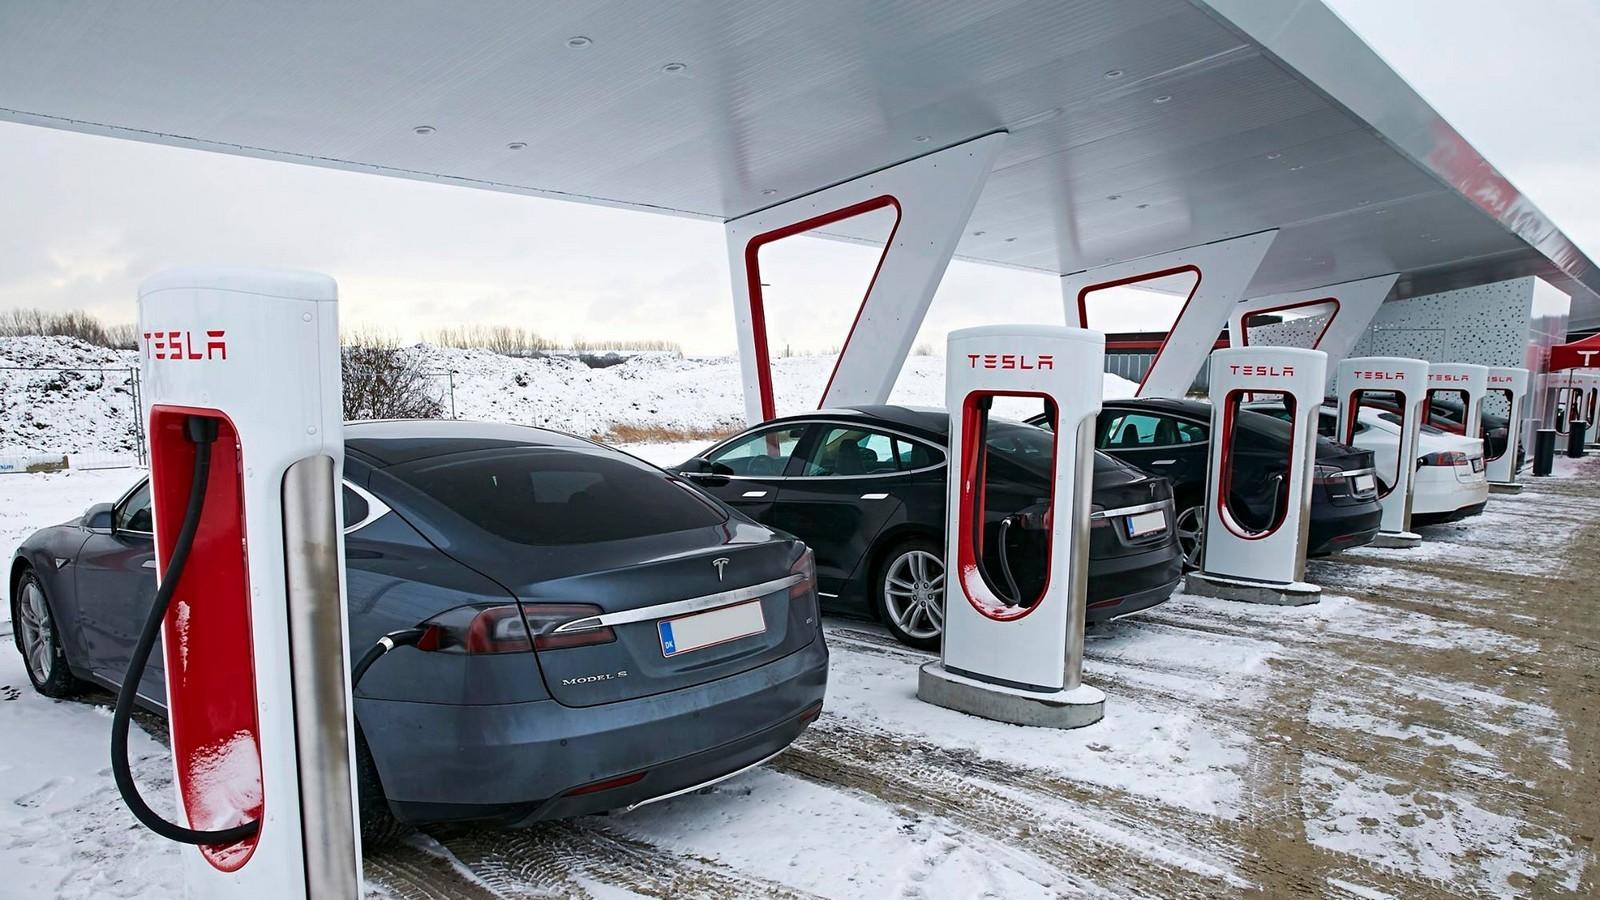 Компания Tesla прекращает бесплатную зарядку собственных электрокаров нафирменных АЗС